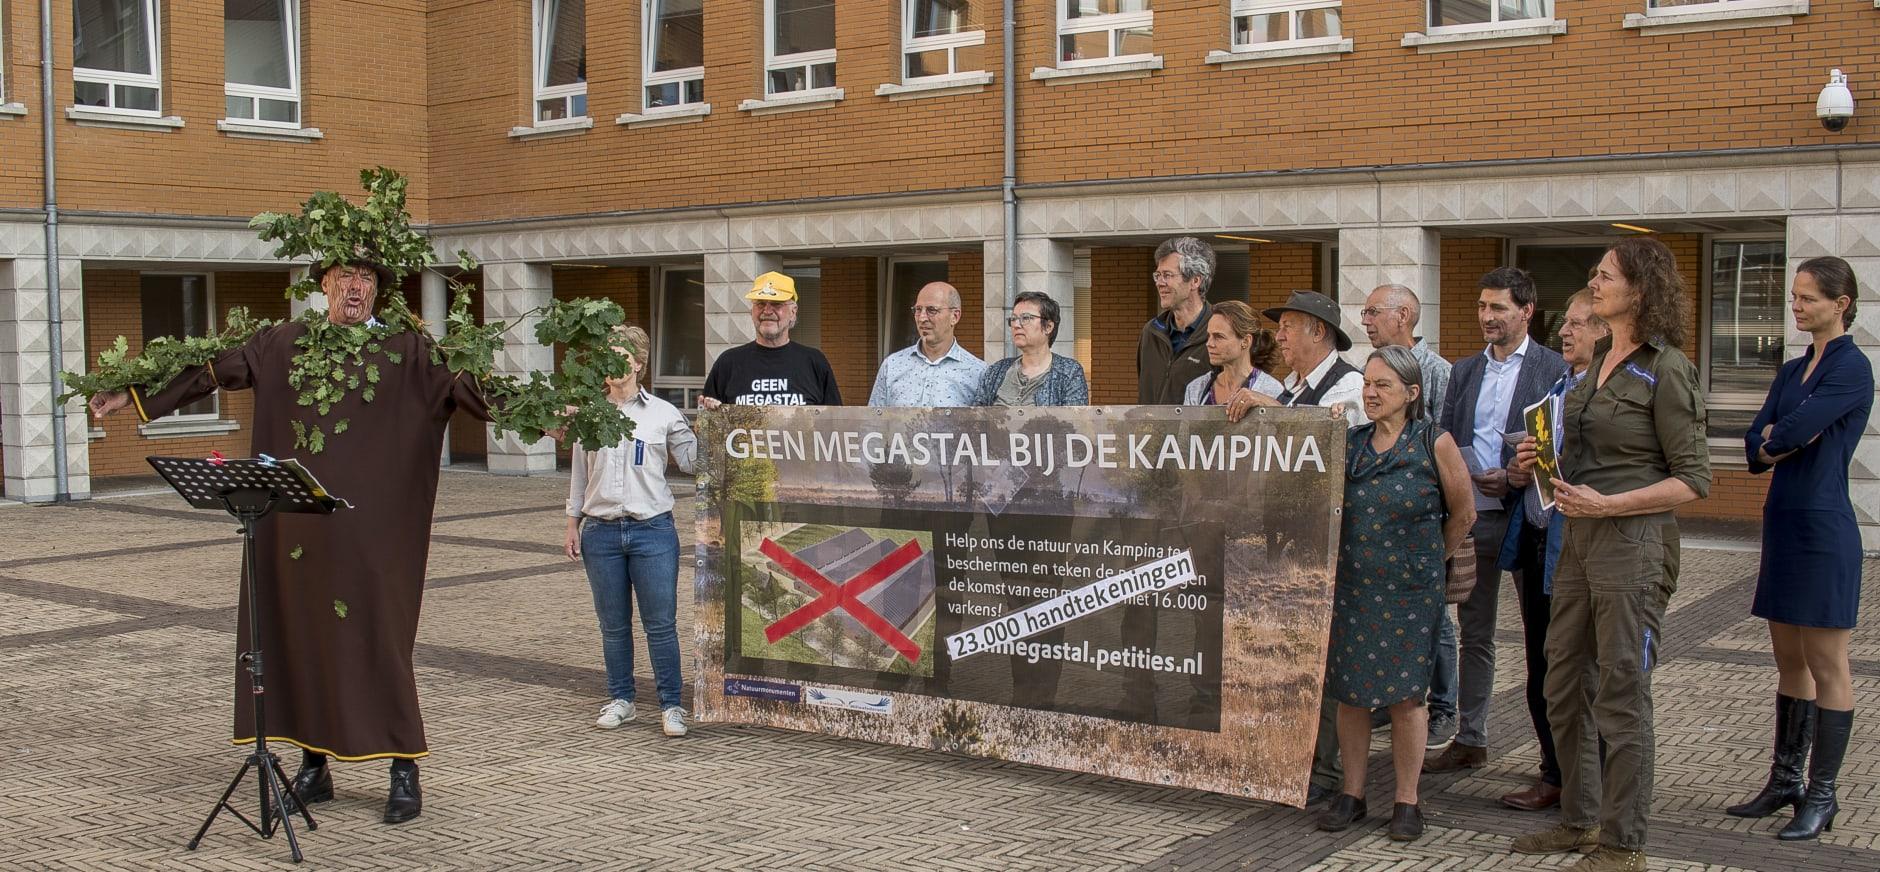 Actie tegen megastal voor gerechtshof